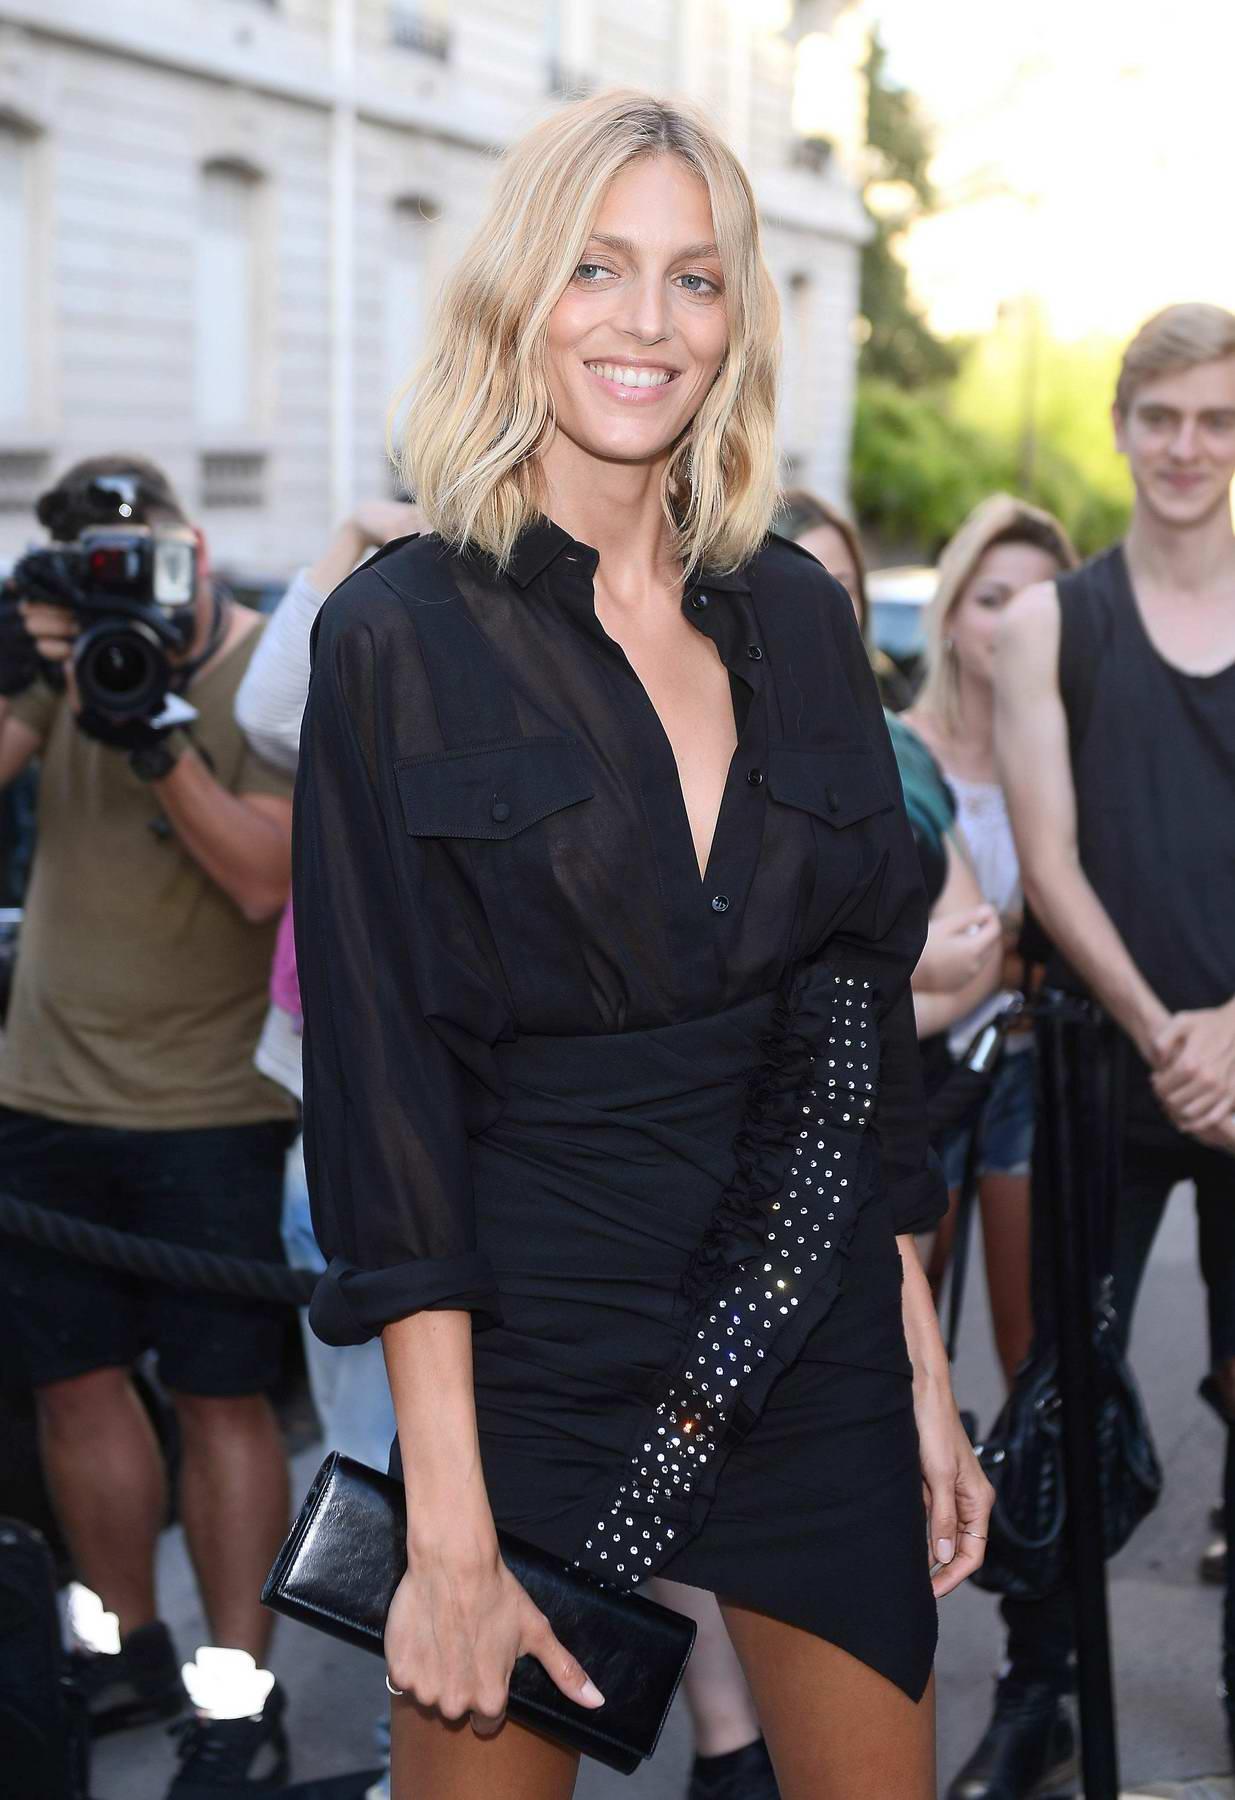 Anja Rubik at Vogue Party at Musee Galliera at Paris Fashion Week in Paris, France